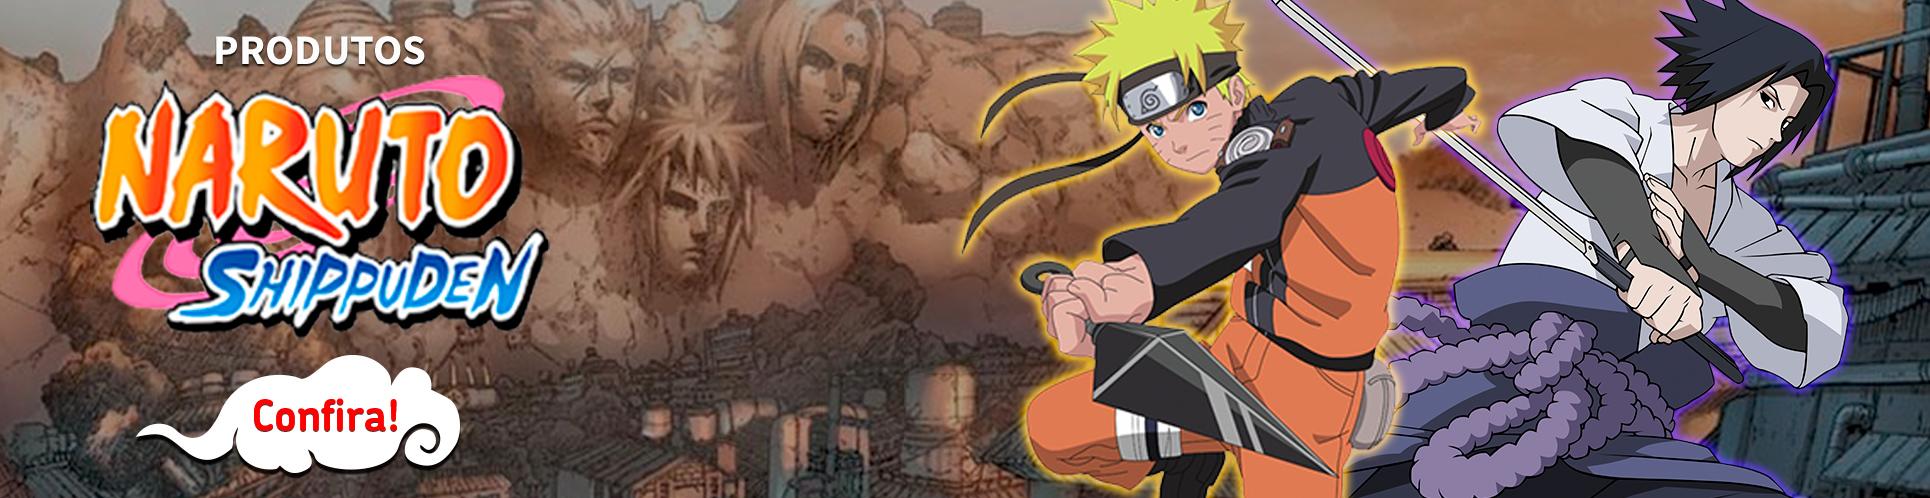 Produtos Naruto